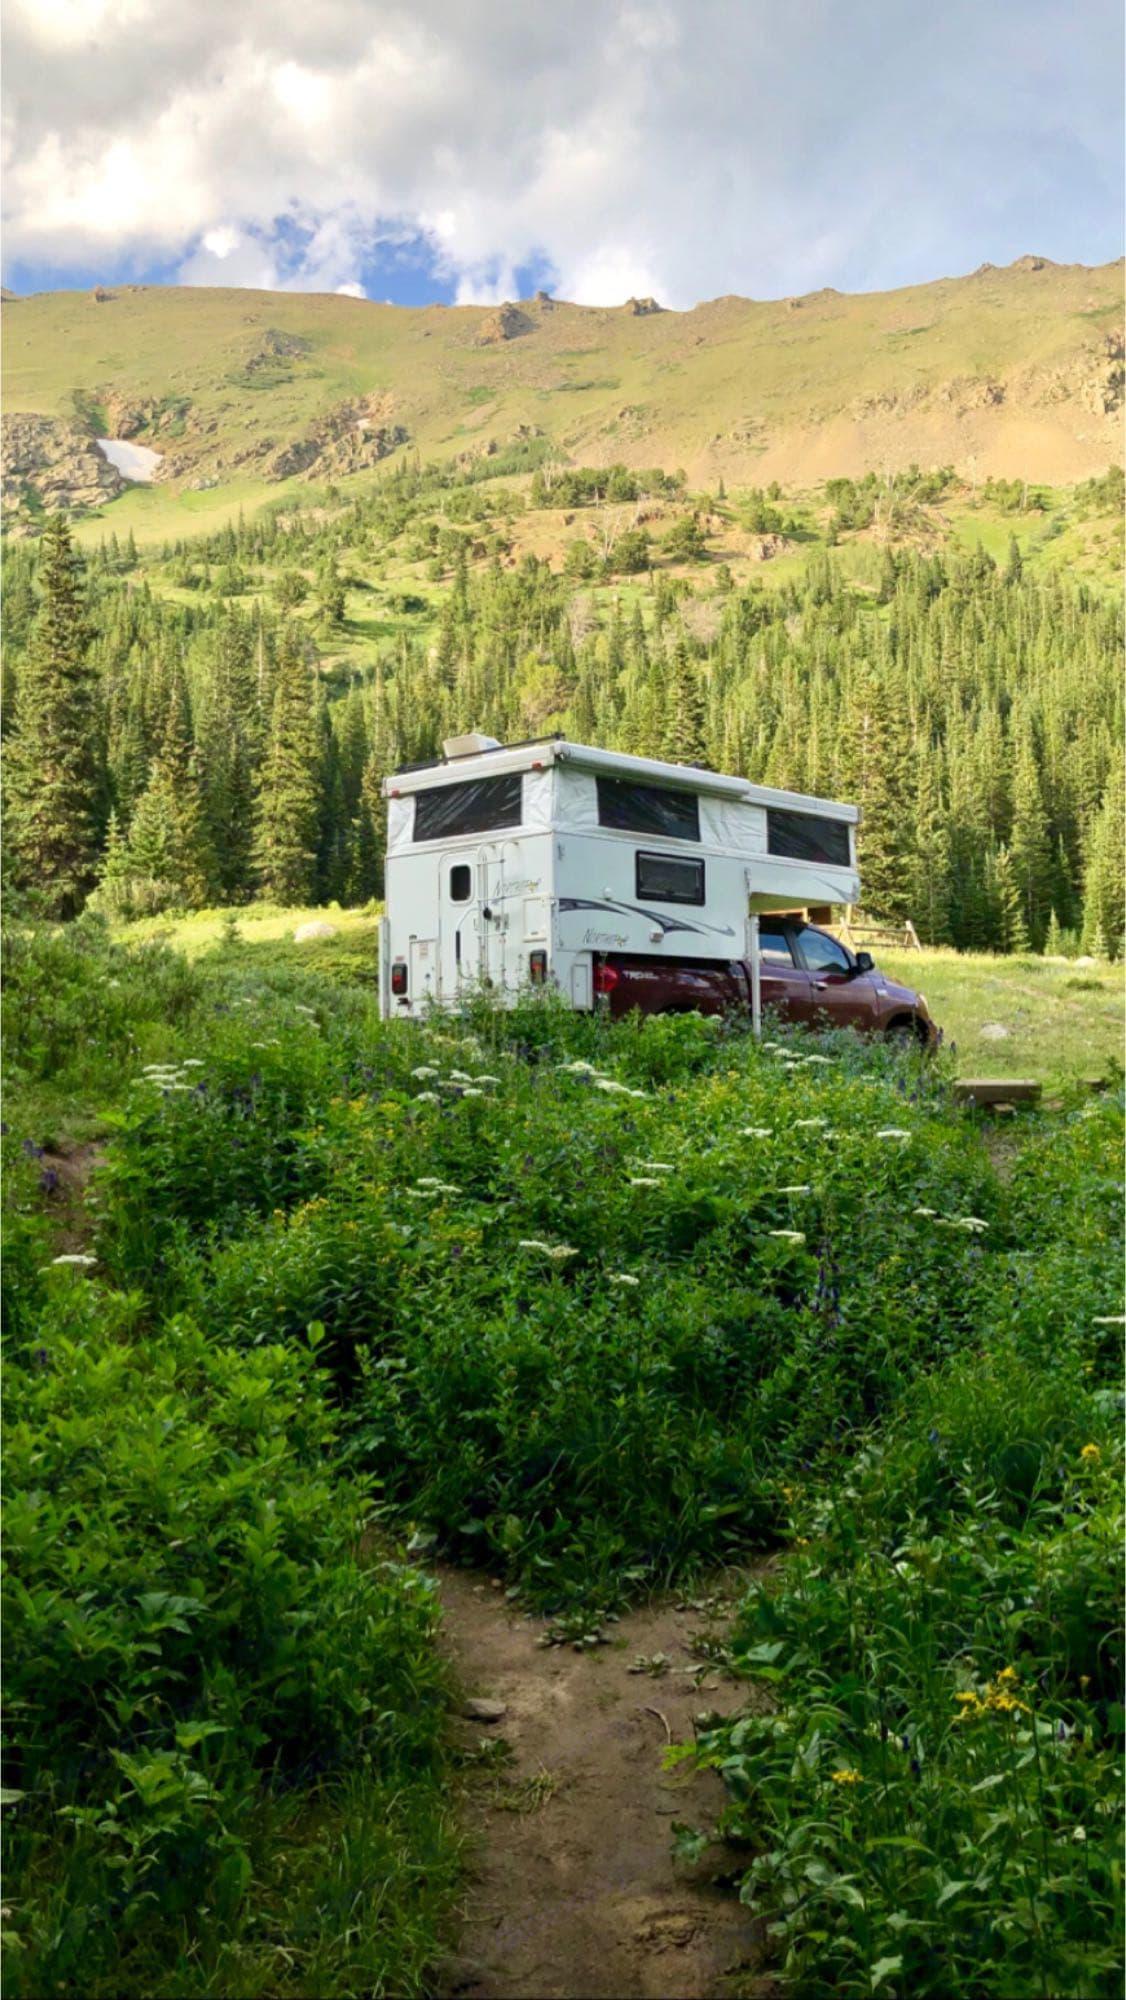 Indian Peaks, Colorado. Northstar Northstar 850sc 2018